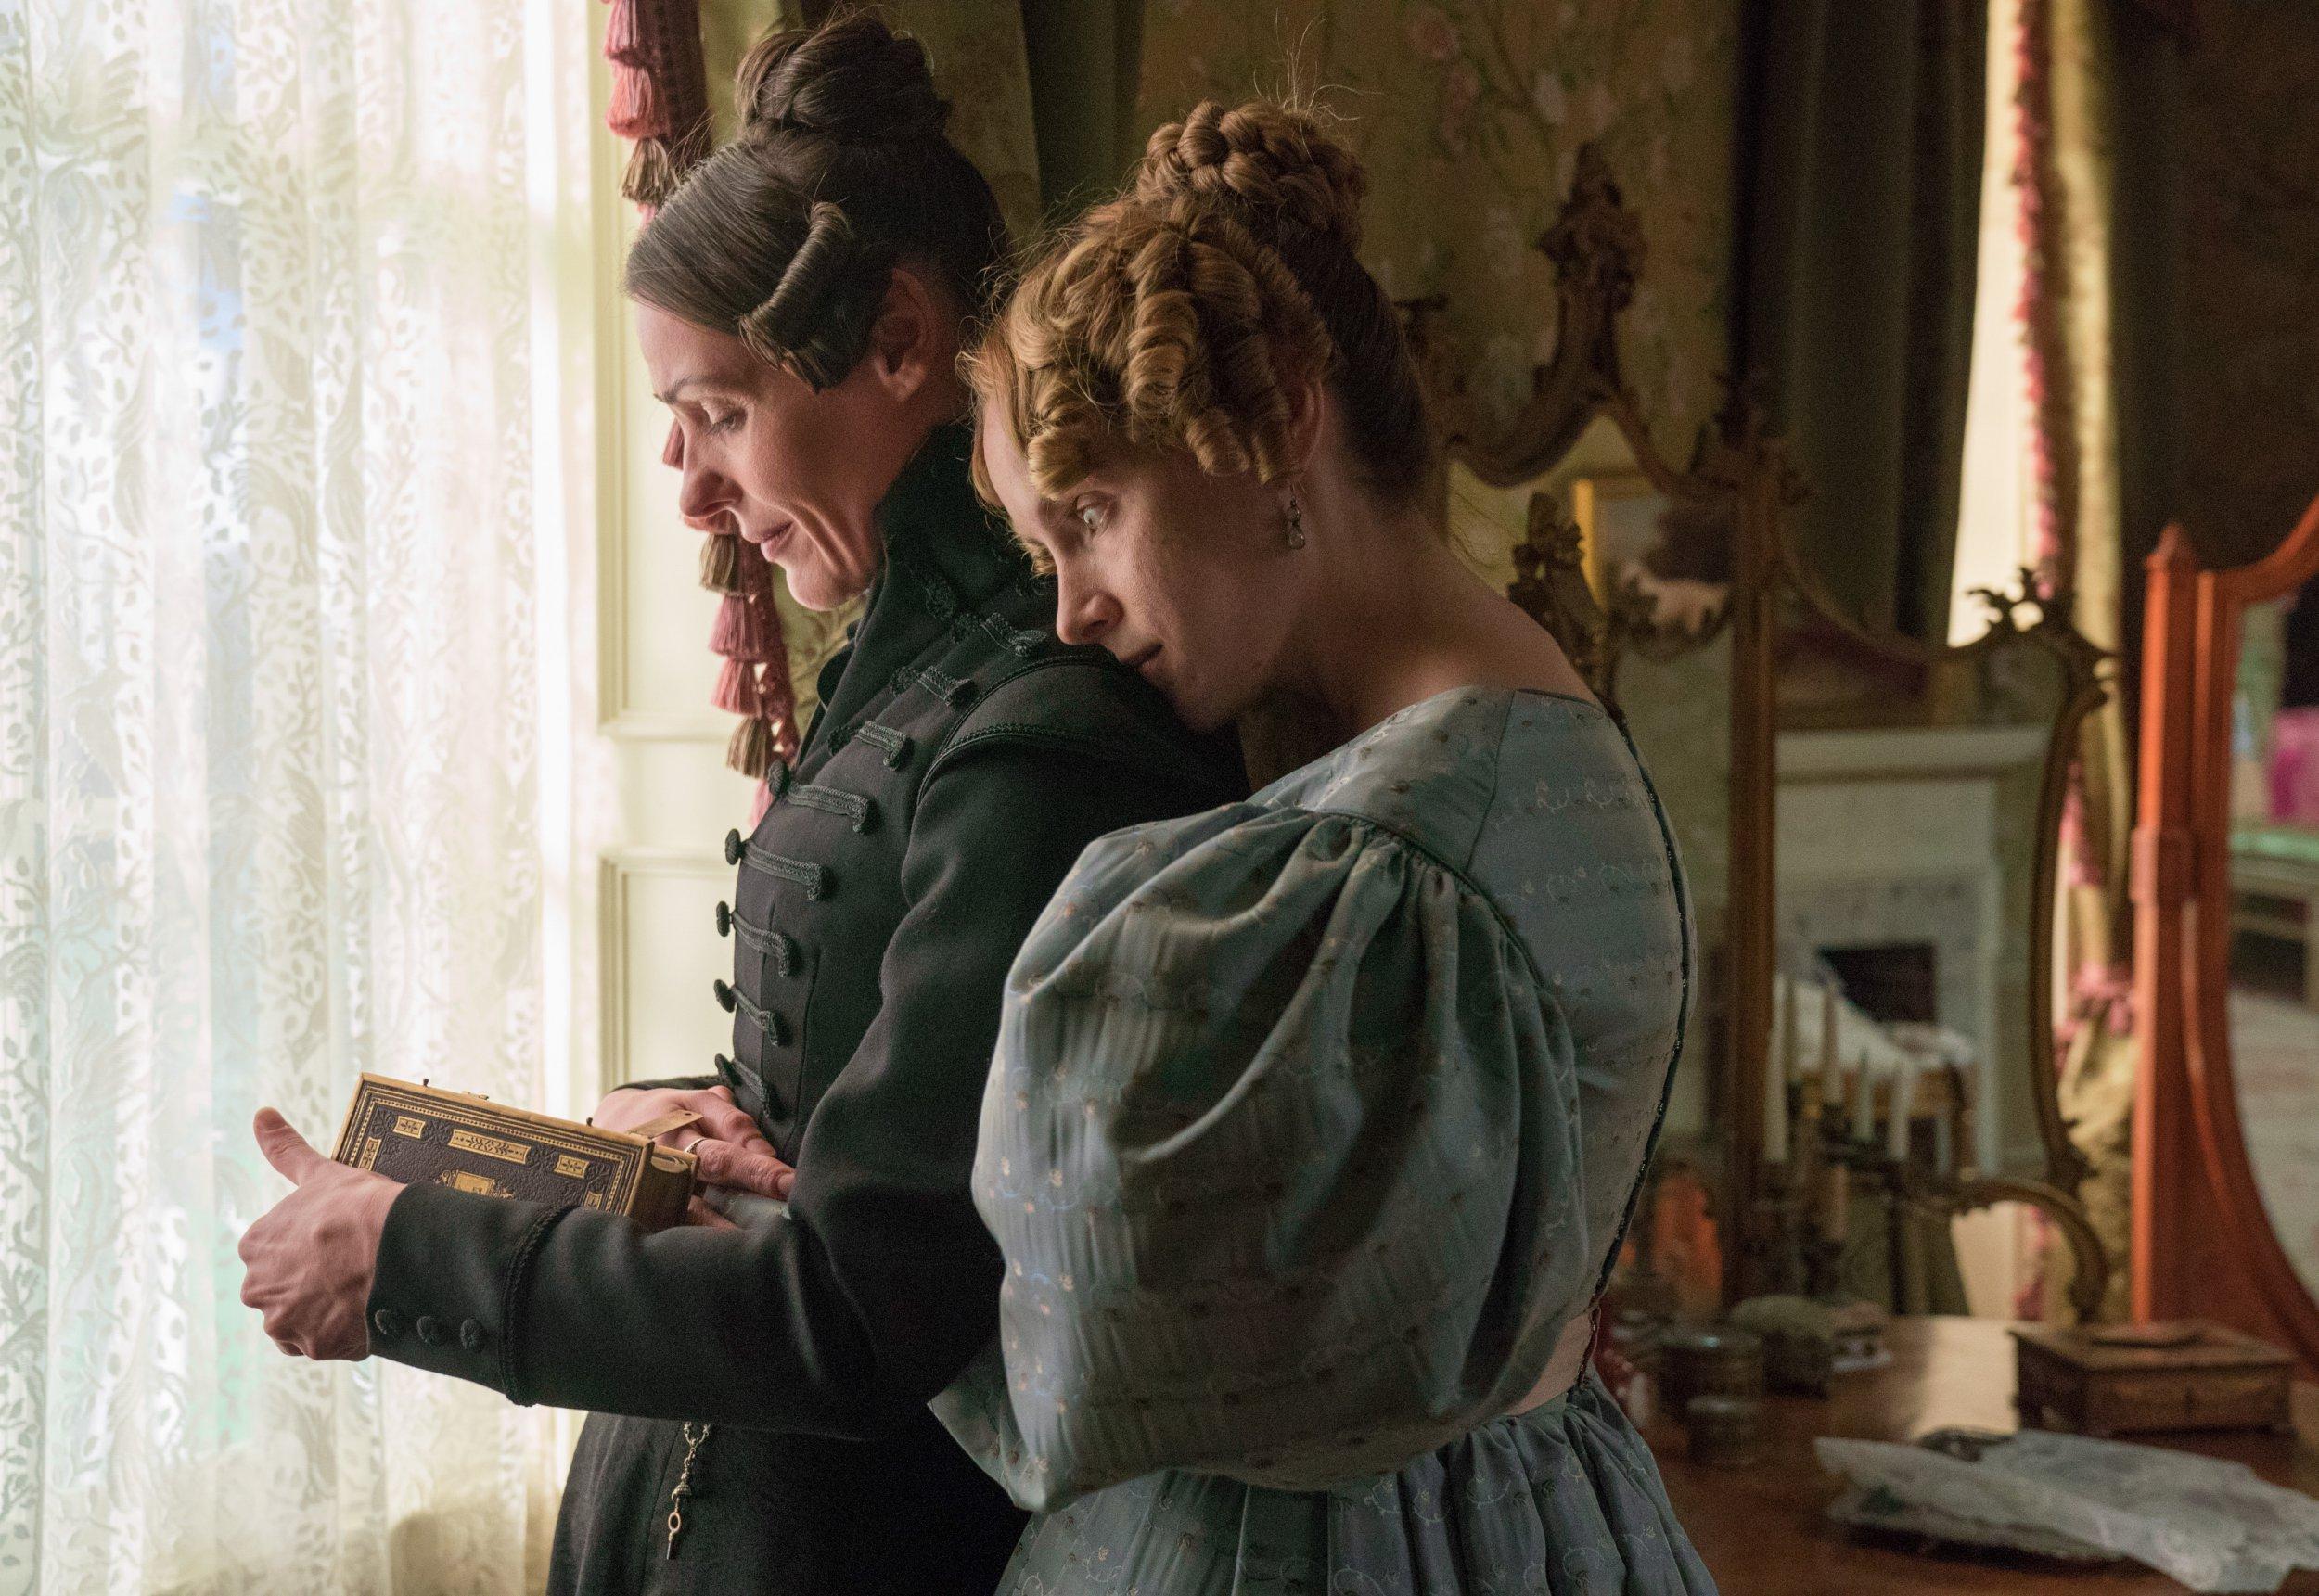 Women in Victorian dresses hugging